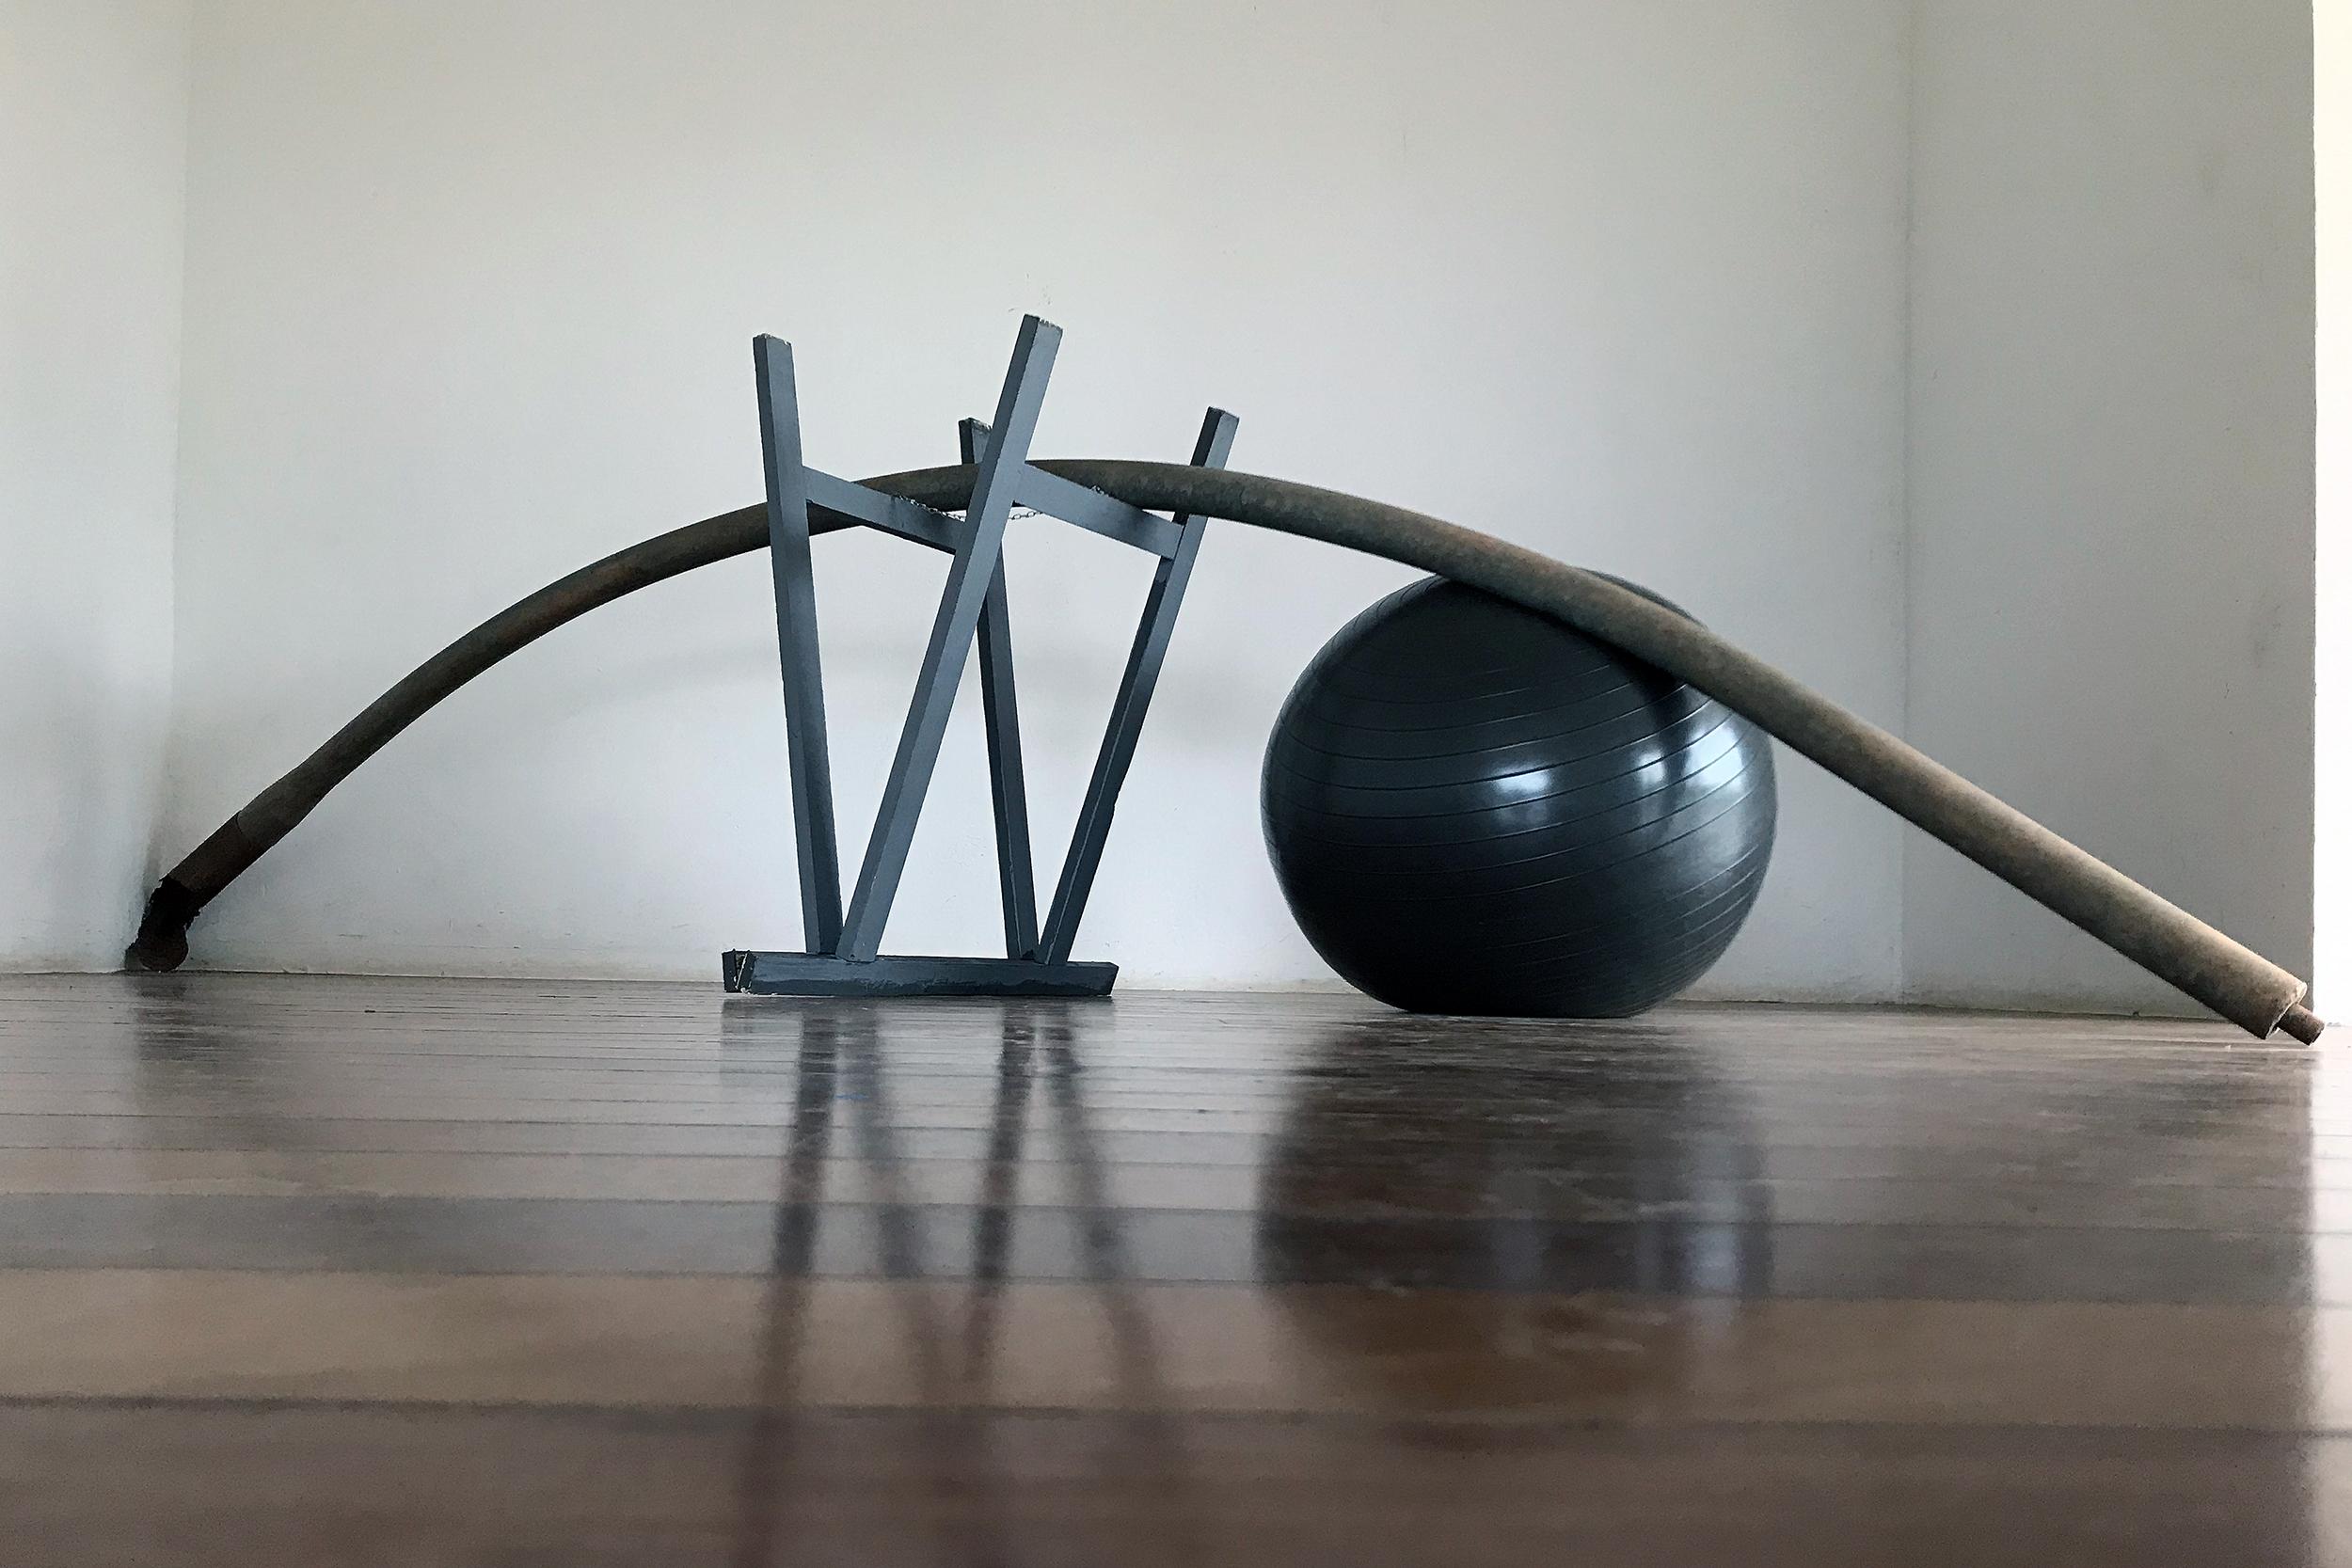 MESMO, Escultura 3.5 (2019)